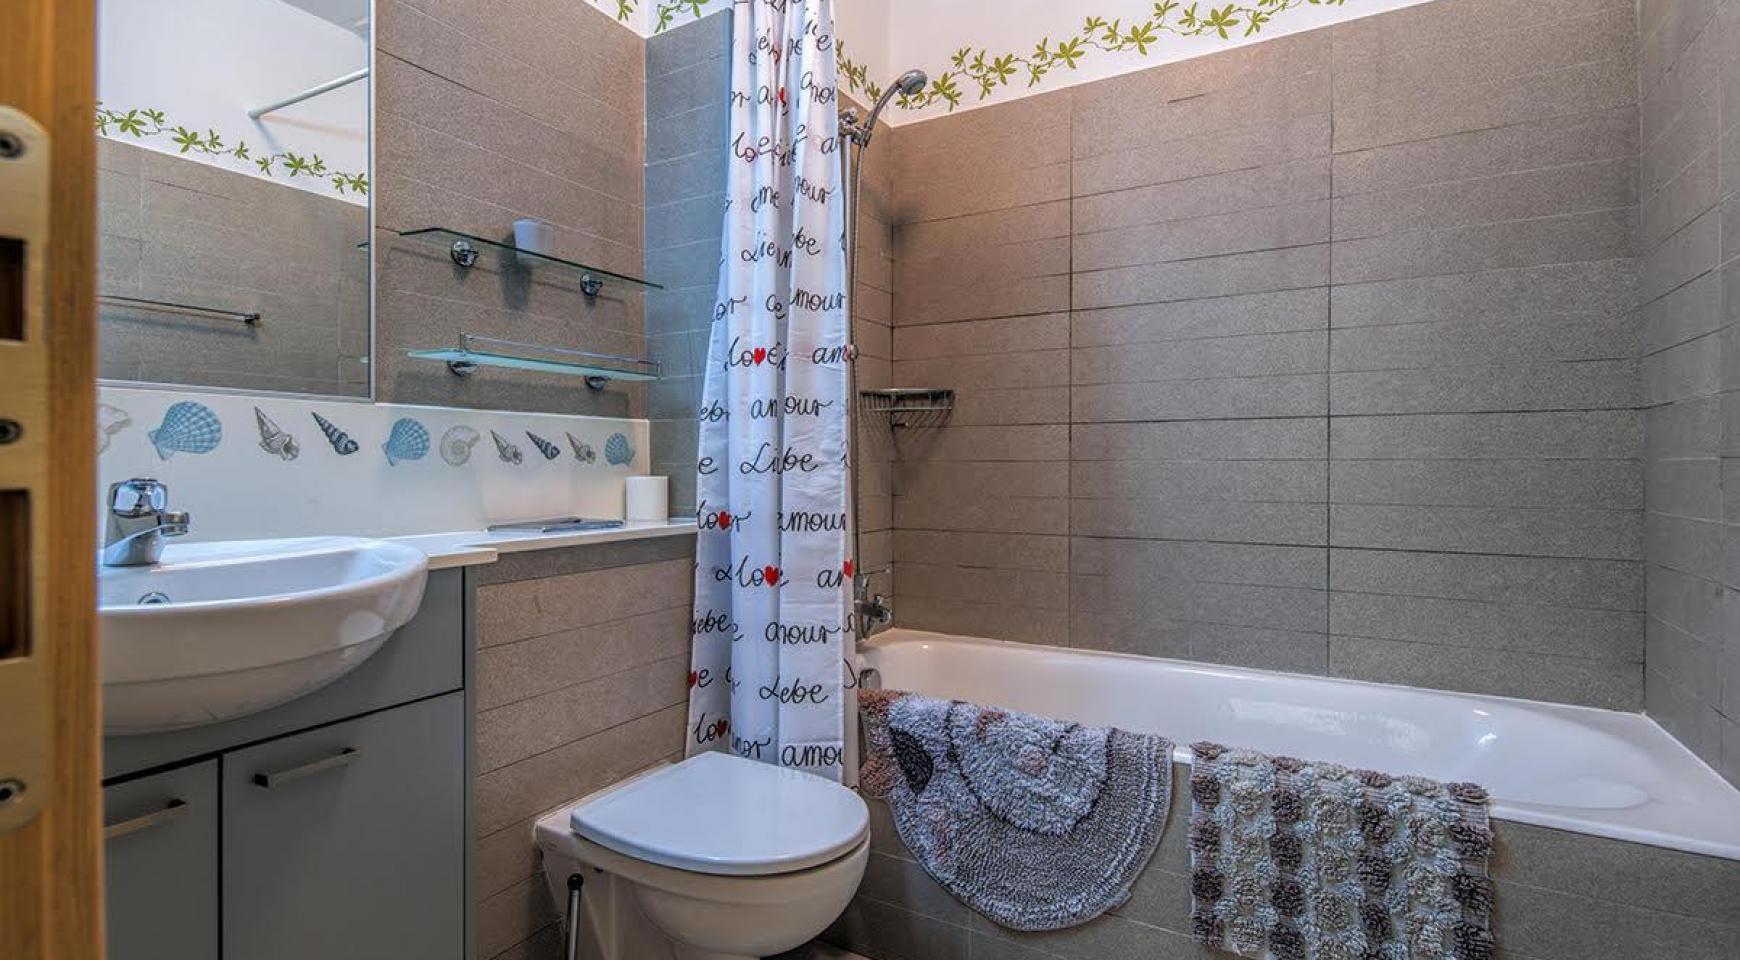 2 Bedroom Duplex Apartment in a Prestigious Complex near the Sea - 15